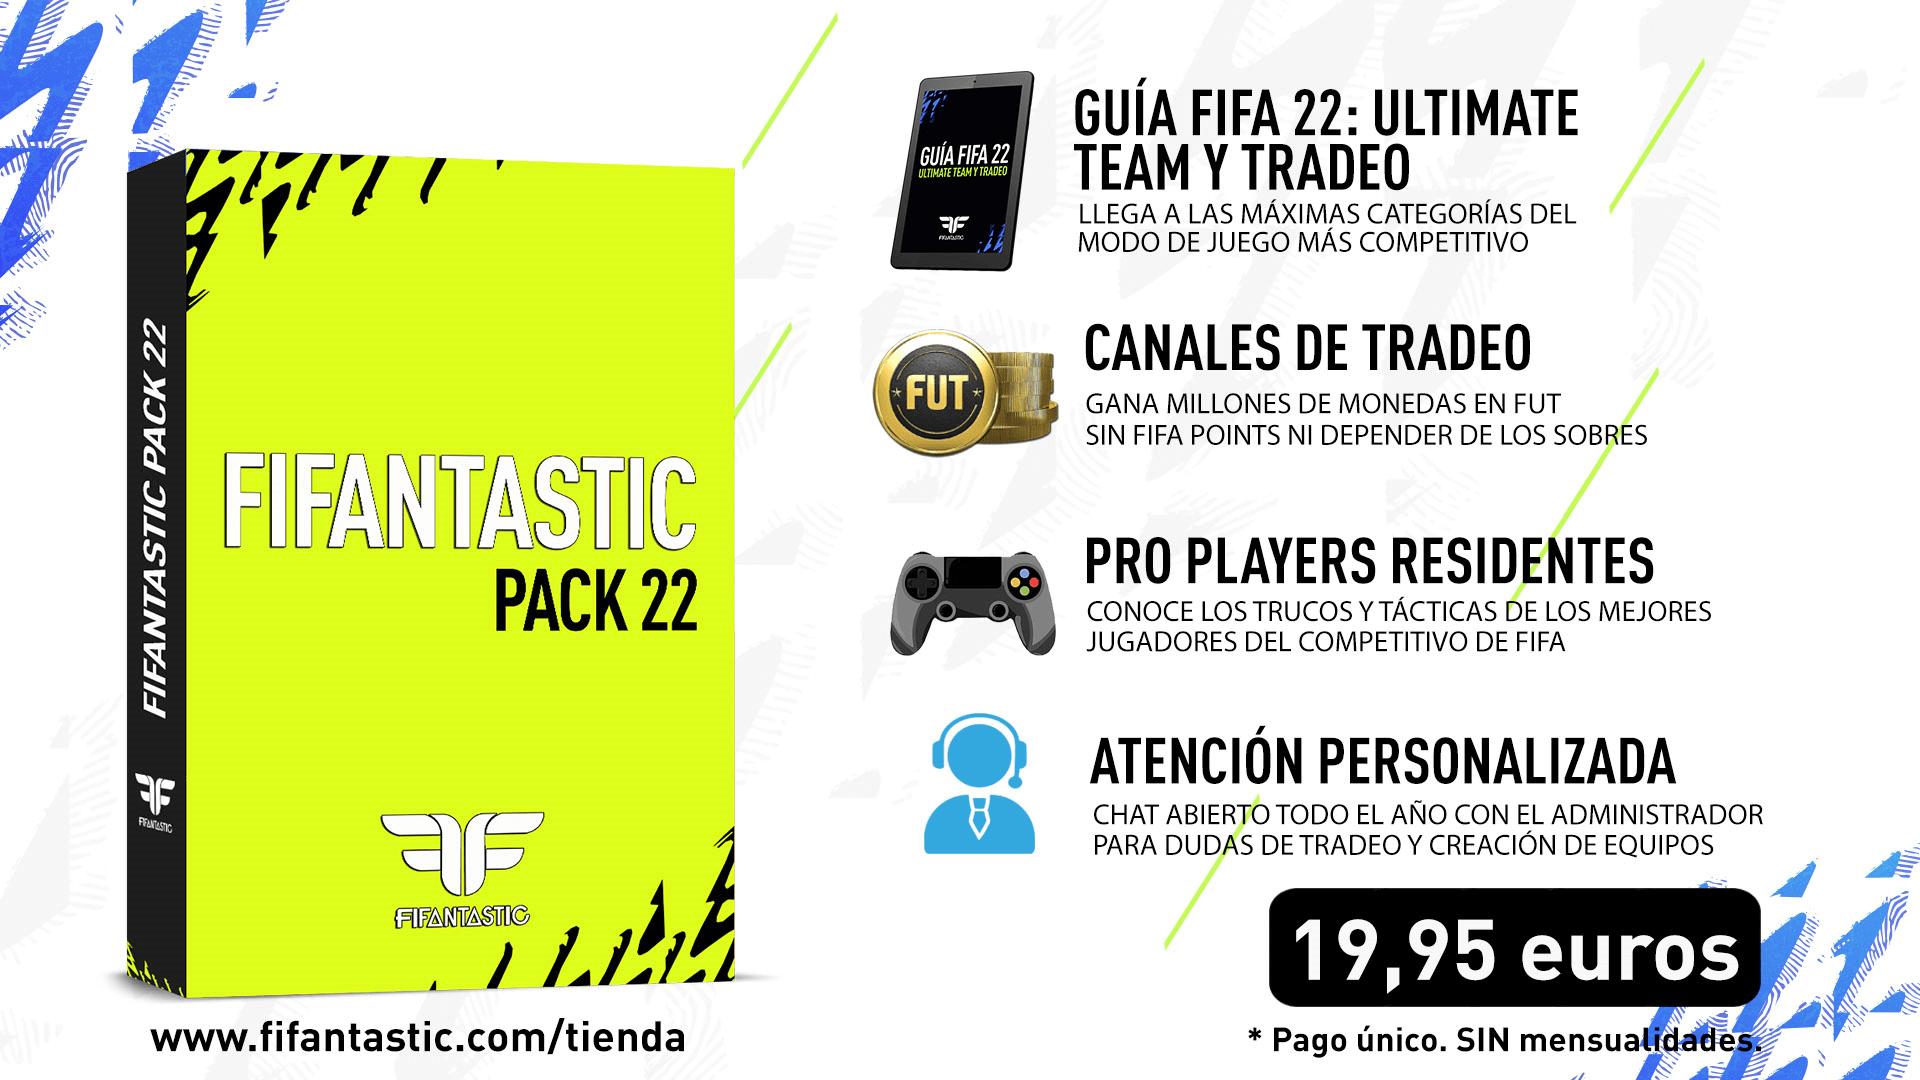 Canal de Tradeo de FIFAntastic, ganar millones de monedas en FIFA 22 Ultimate Team